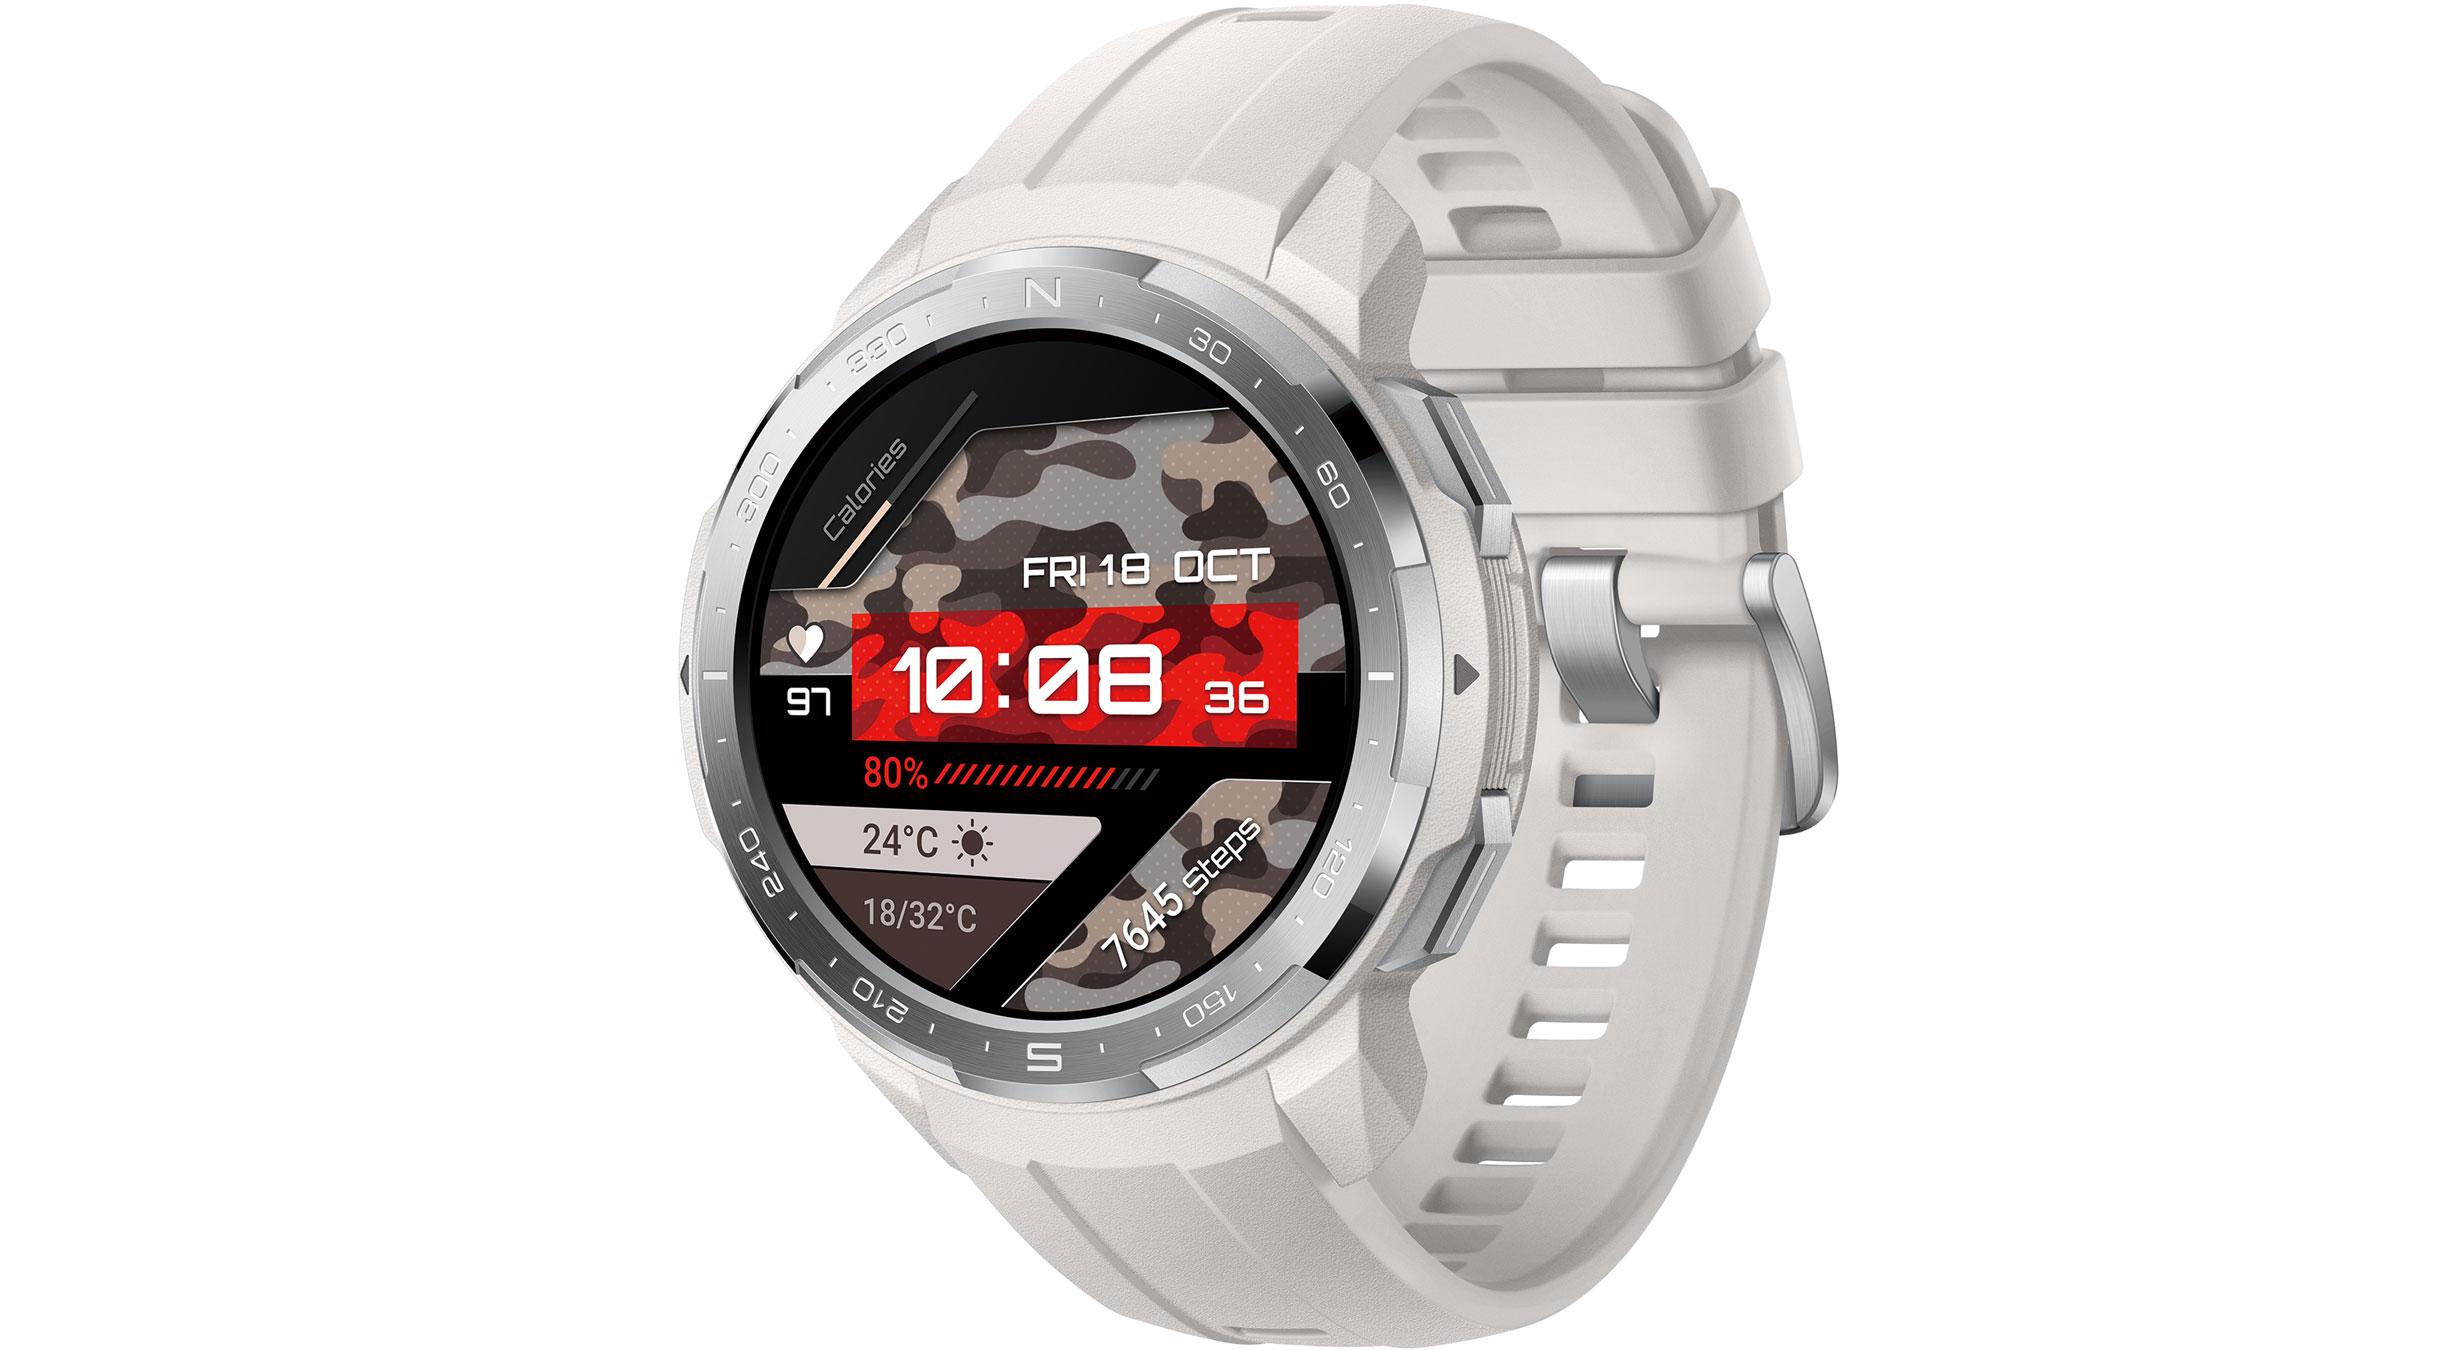 Το έξυπνο ρολόι με αυτονομία μπαταρίας 25 ημερών έρχεται και στην Ελλάδα